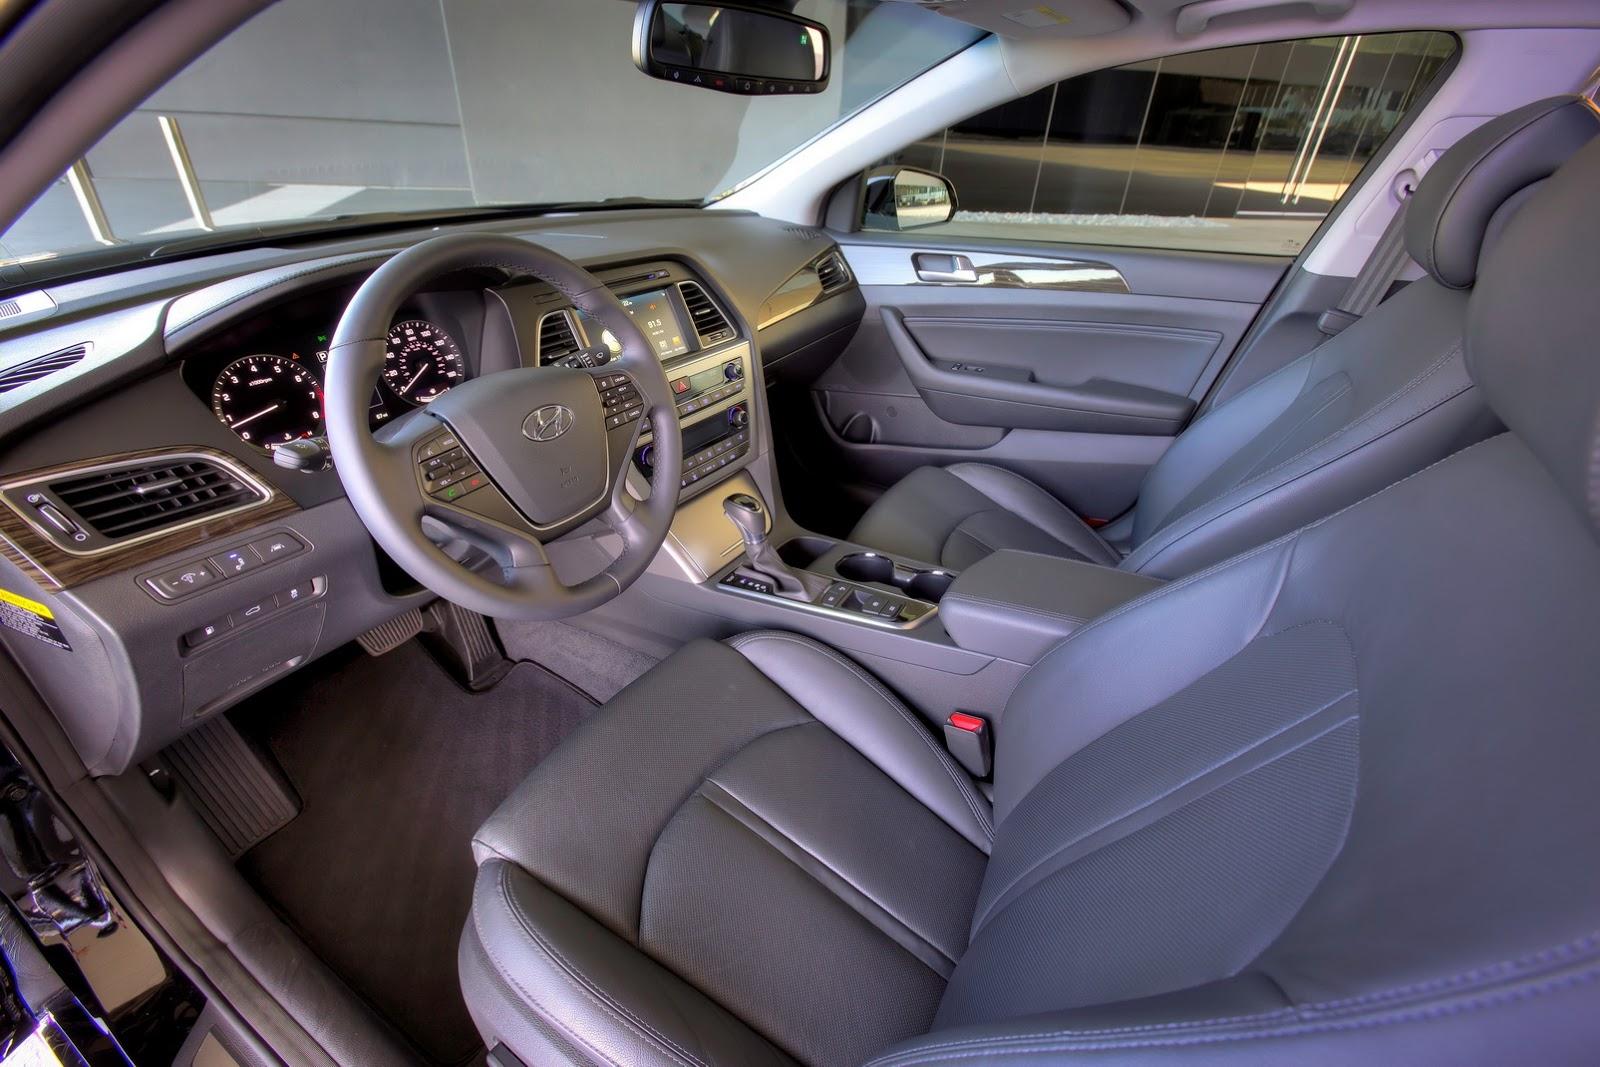 Trong số những trang thiết bị tiêu chuẩn của Hyundai Sonata 2017 có cả hệ thống kiểm soát ổn định thân xe, cân bằng điện tử, kiểm soát lực bám đường, 7 túi khí, phanh đĩa trên 4 bánh, chống bó cứng phanh ABS, phân bổ lực phanh điện tử và trợ lực phanh.